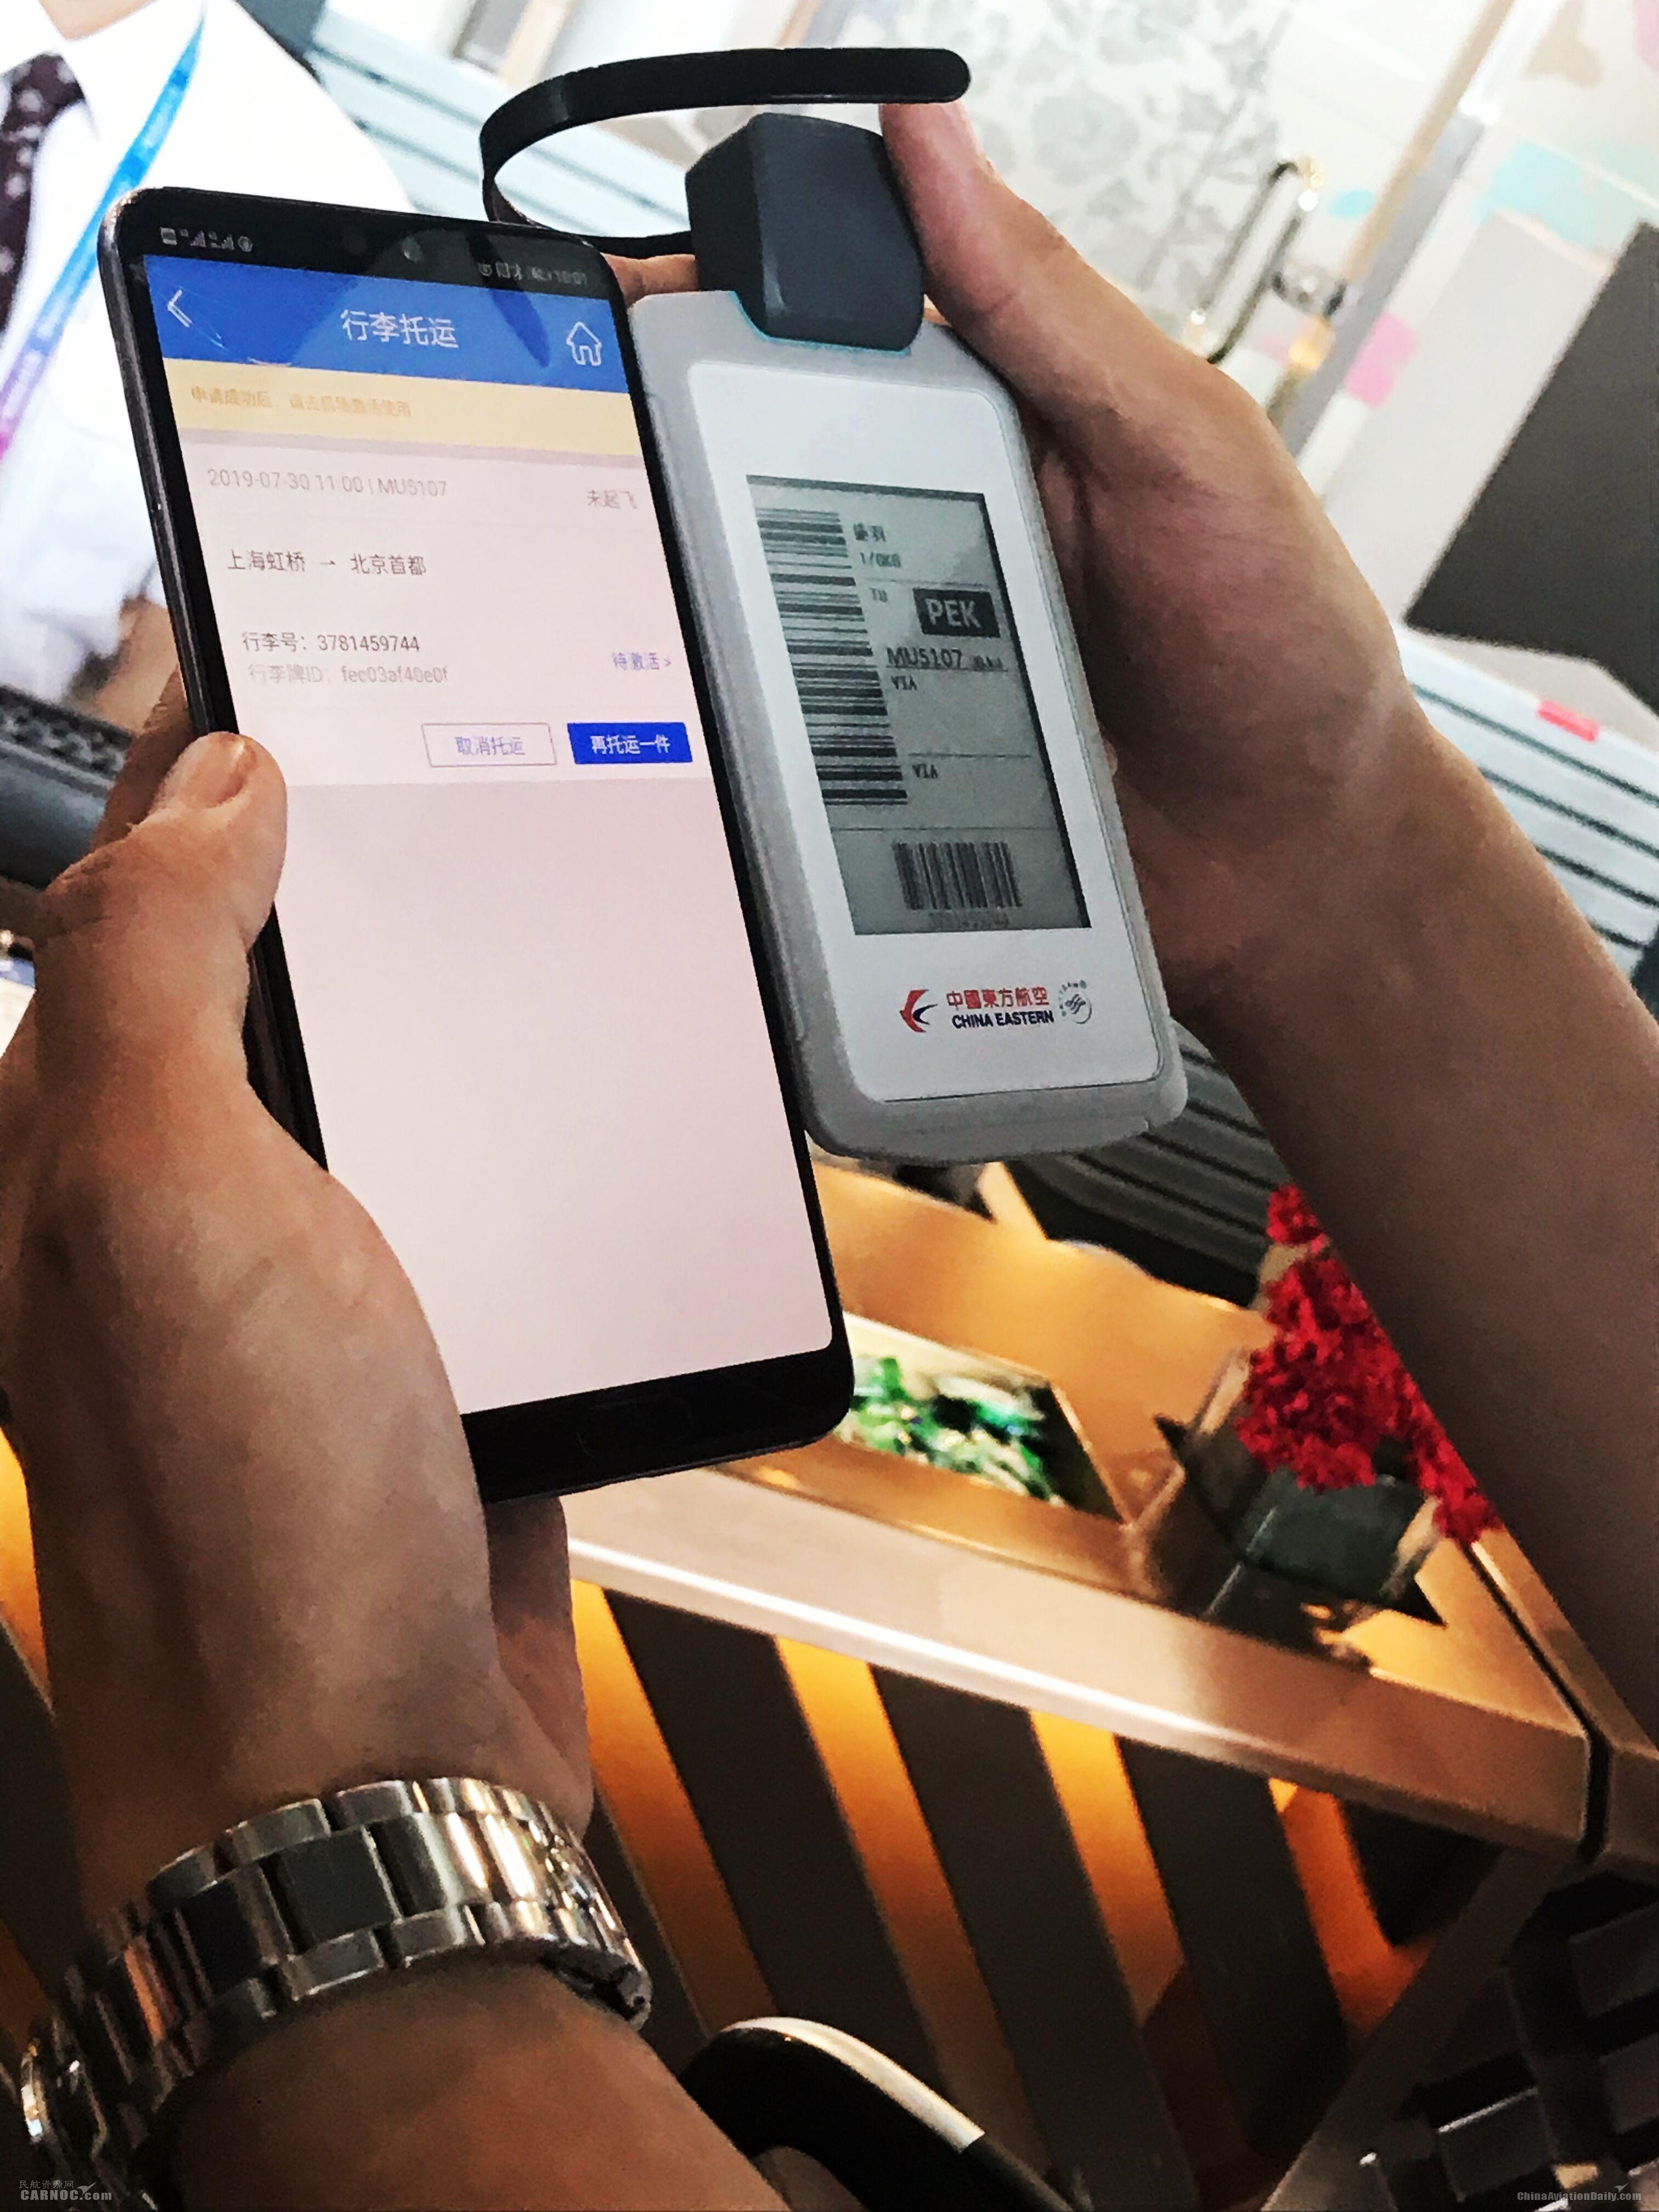 东航无源型永久电子行李牌正式交付启用    王佳妮 摄